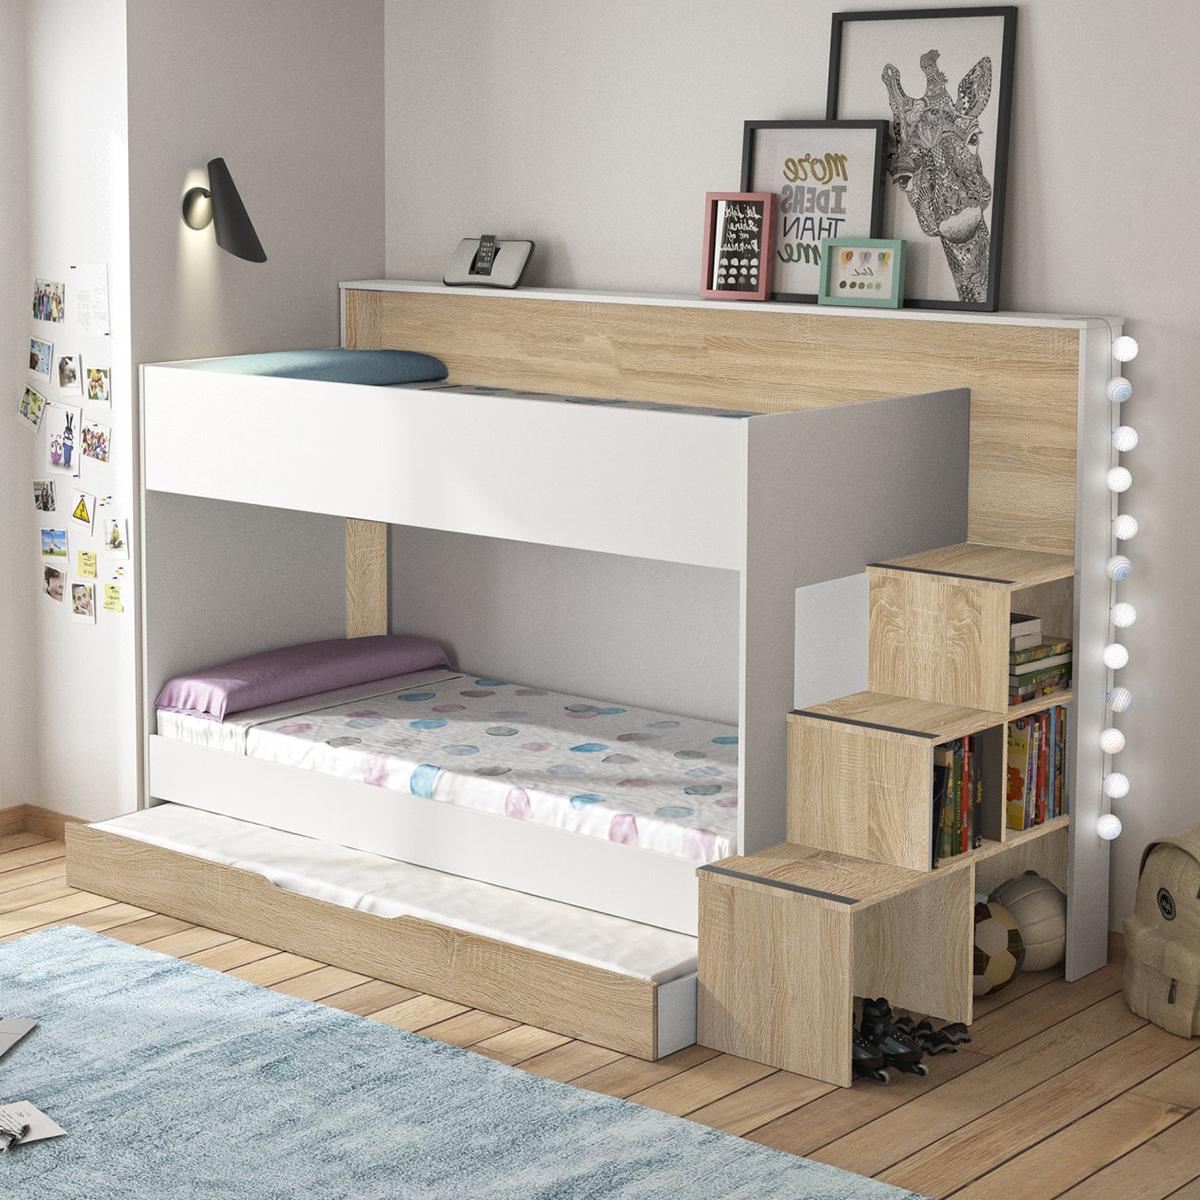 lit superpose 90x200 gami teotea blanc et bois